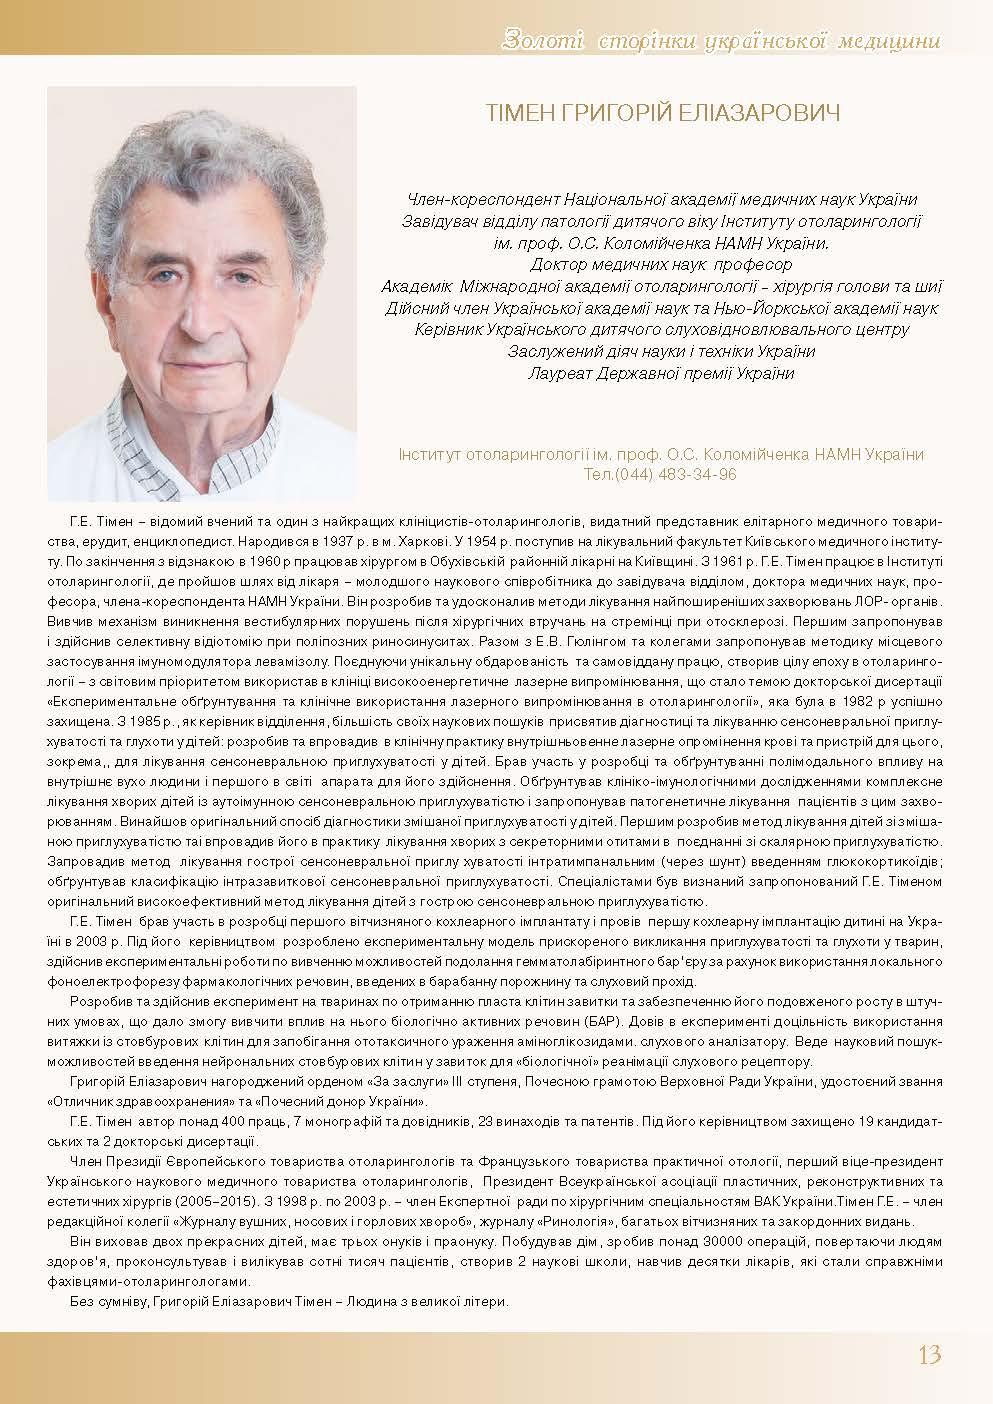 Тімен Григорій Еліазарович